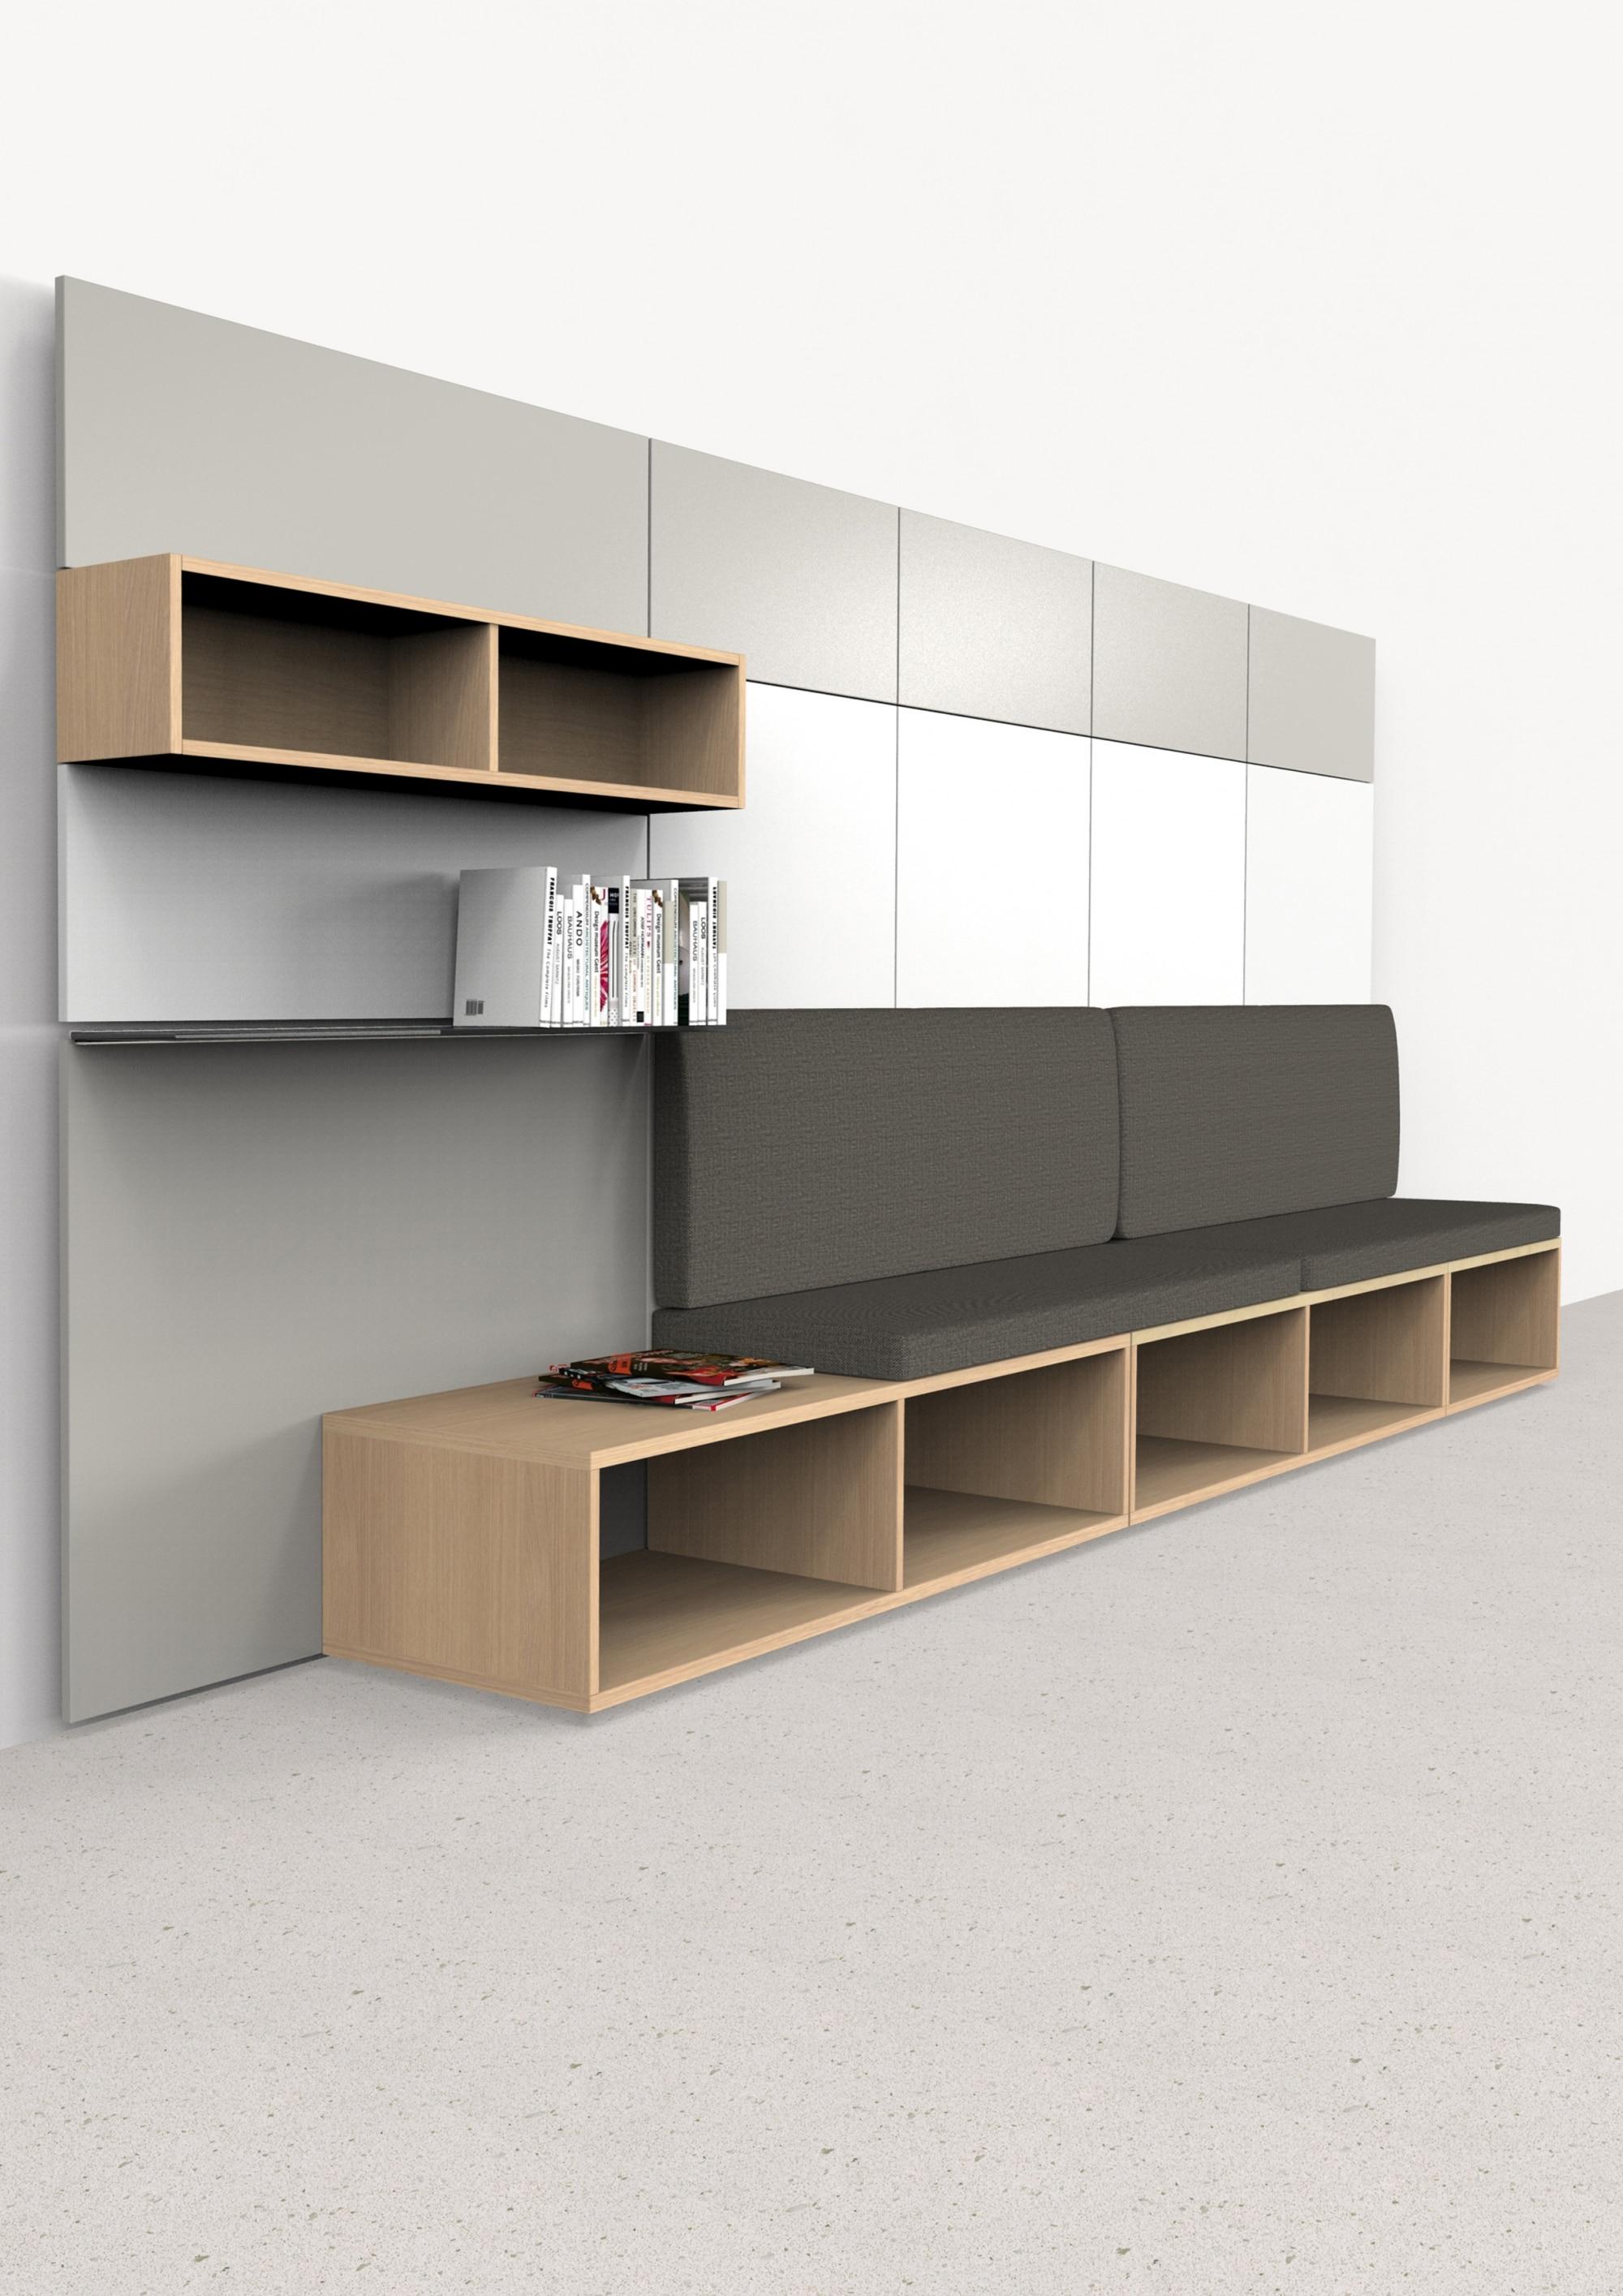 hali Büromöbel, pre wall 50, pw50, Vorsatzwand, Vorschsatzschale, Bücherboard, Fach, stay, Sitzbank,